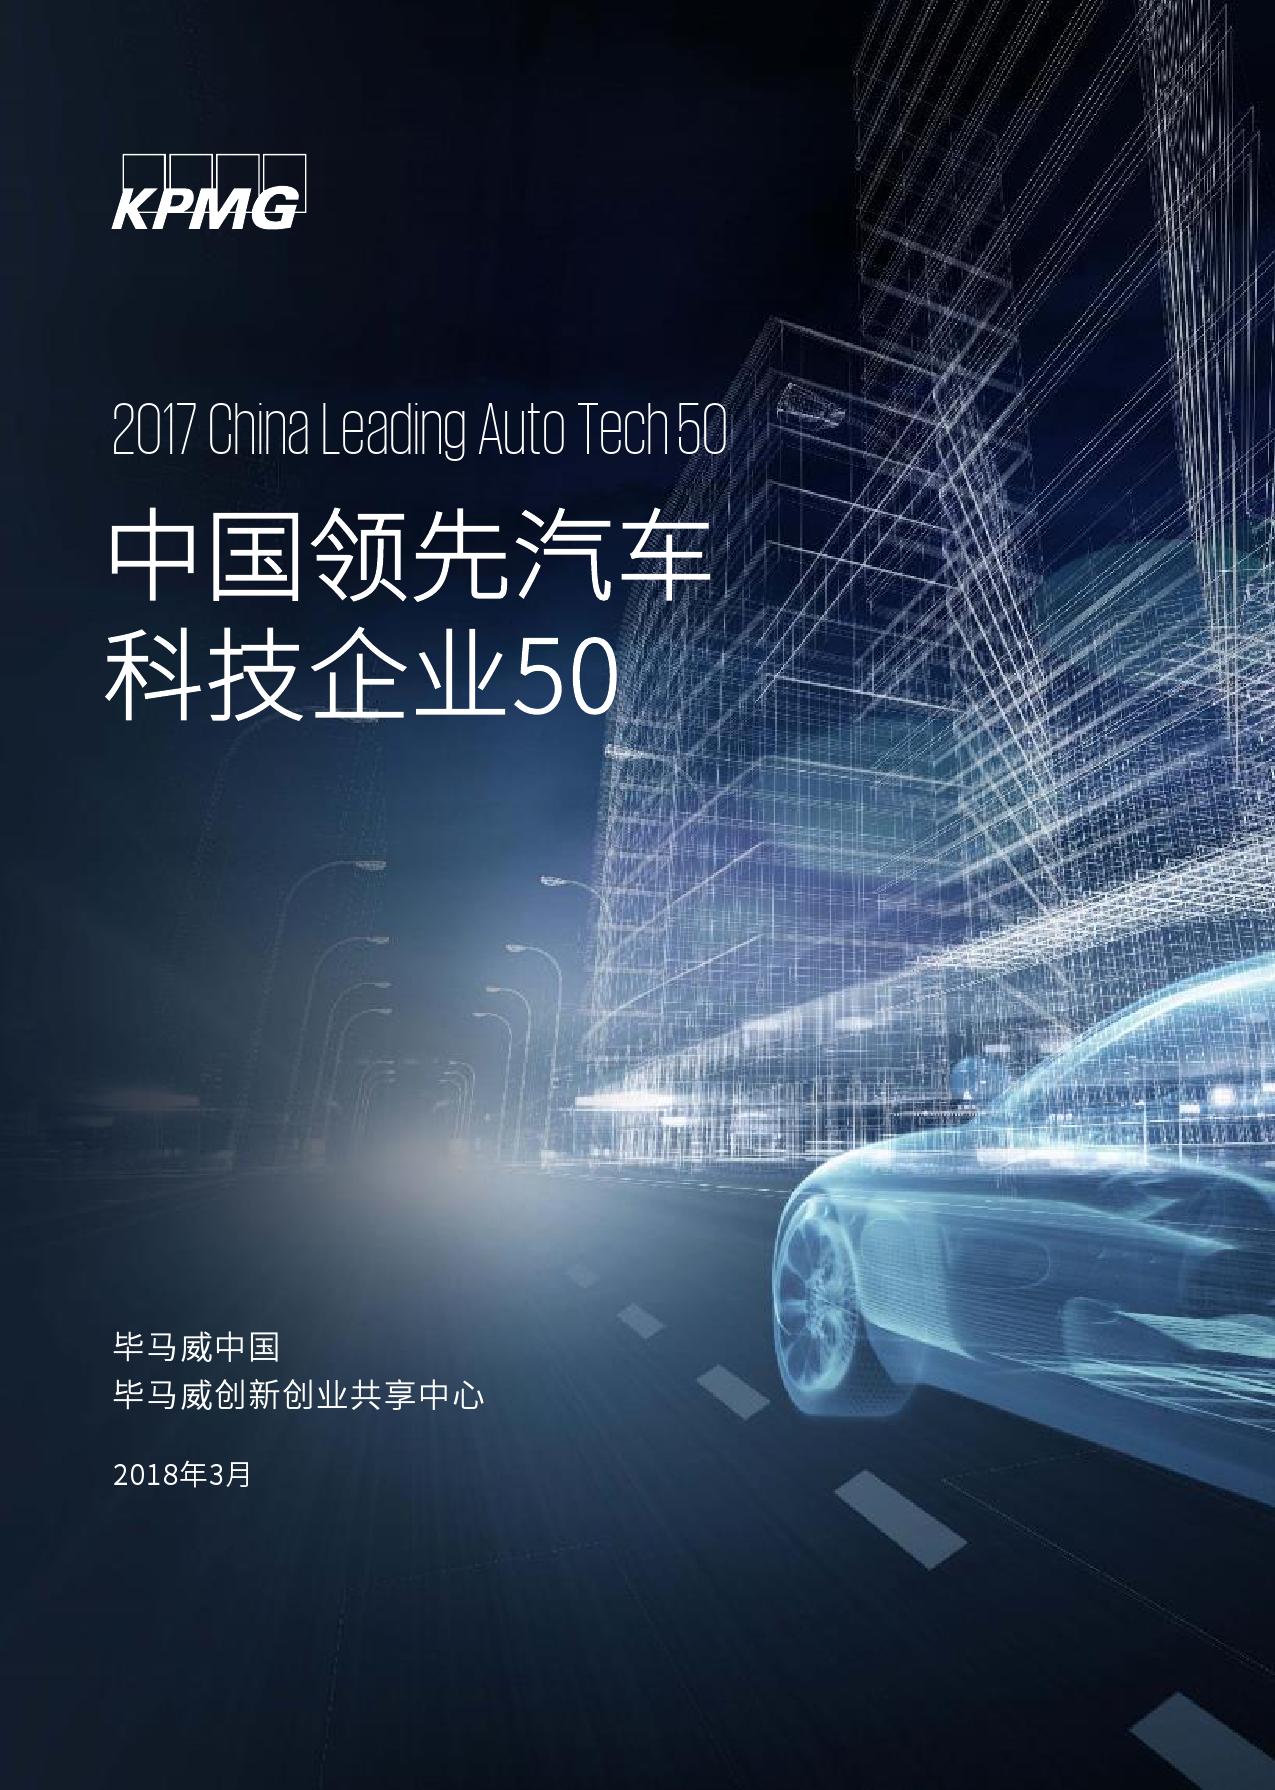 毕马威:2017中国领先汽车科技企业(附下载)